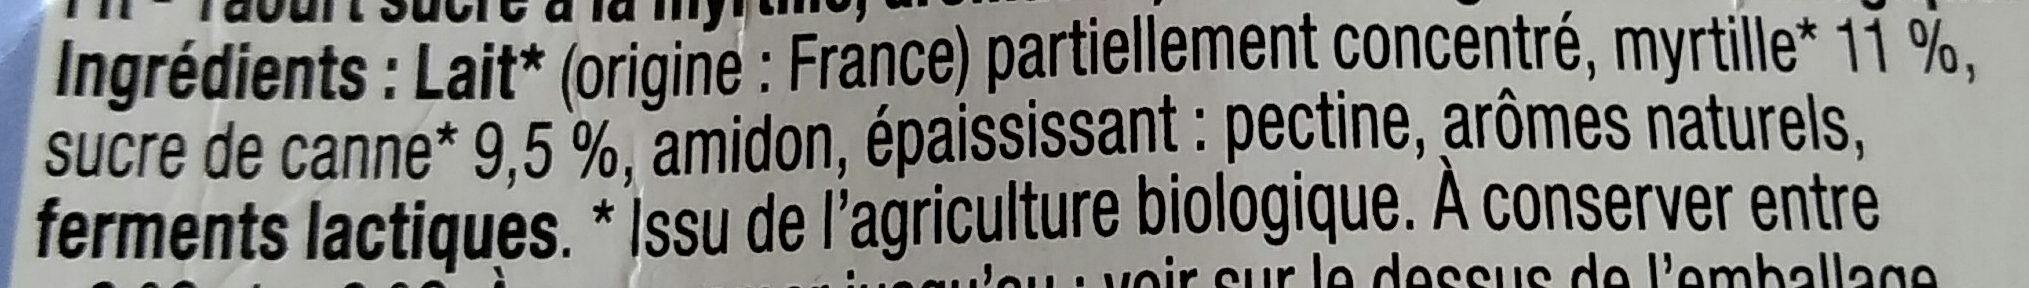 Yaourt sucré à la myrtille , Bio - Ingredienti - fr